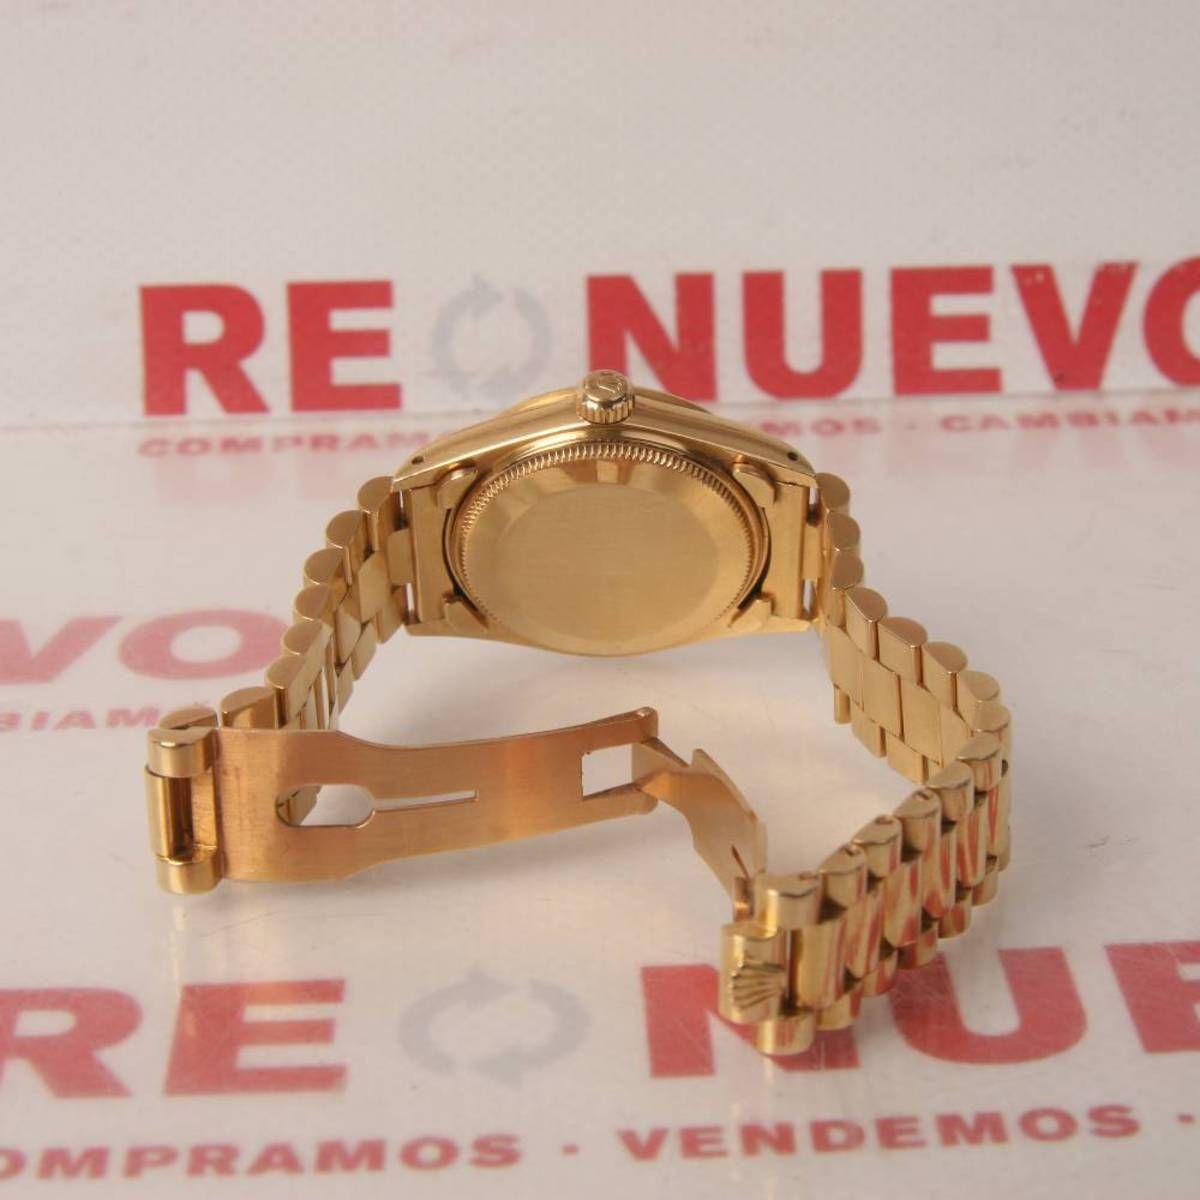 Reloj Rolex Oyster Perpetual Datejust 6827 Oro Segunda Mano E277040 Rolex Relojes Rolex Rolex Oyster Perpetual